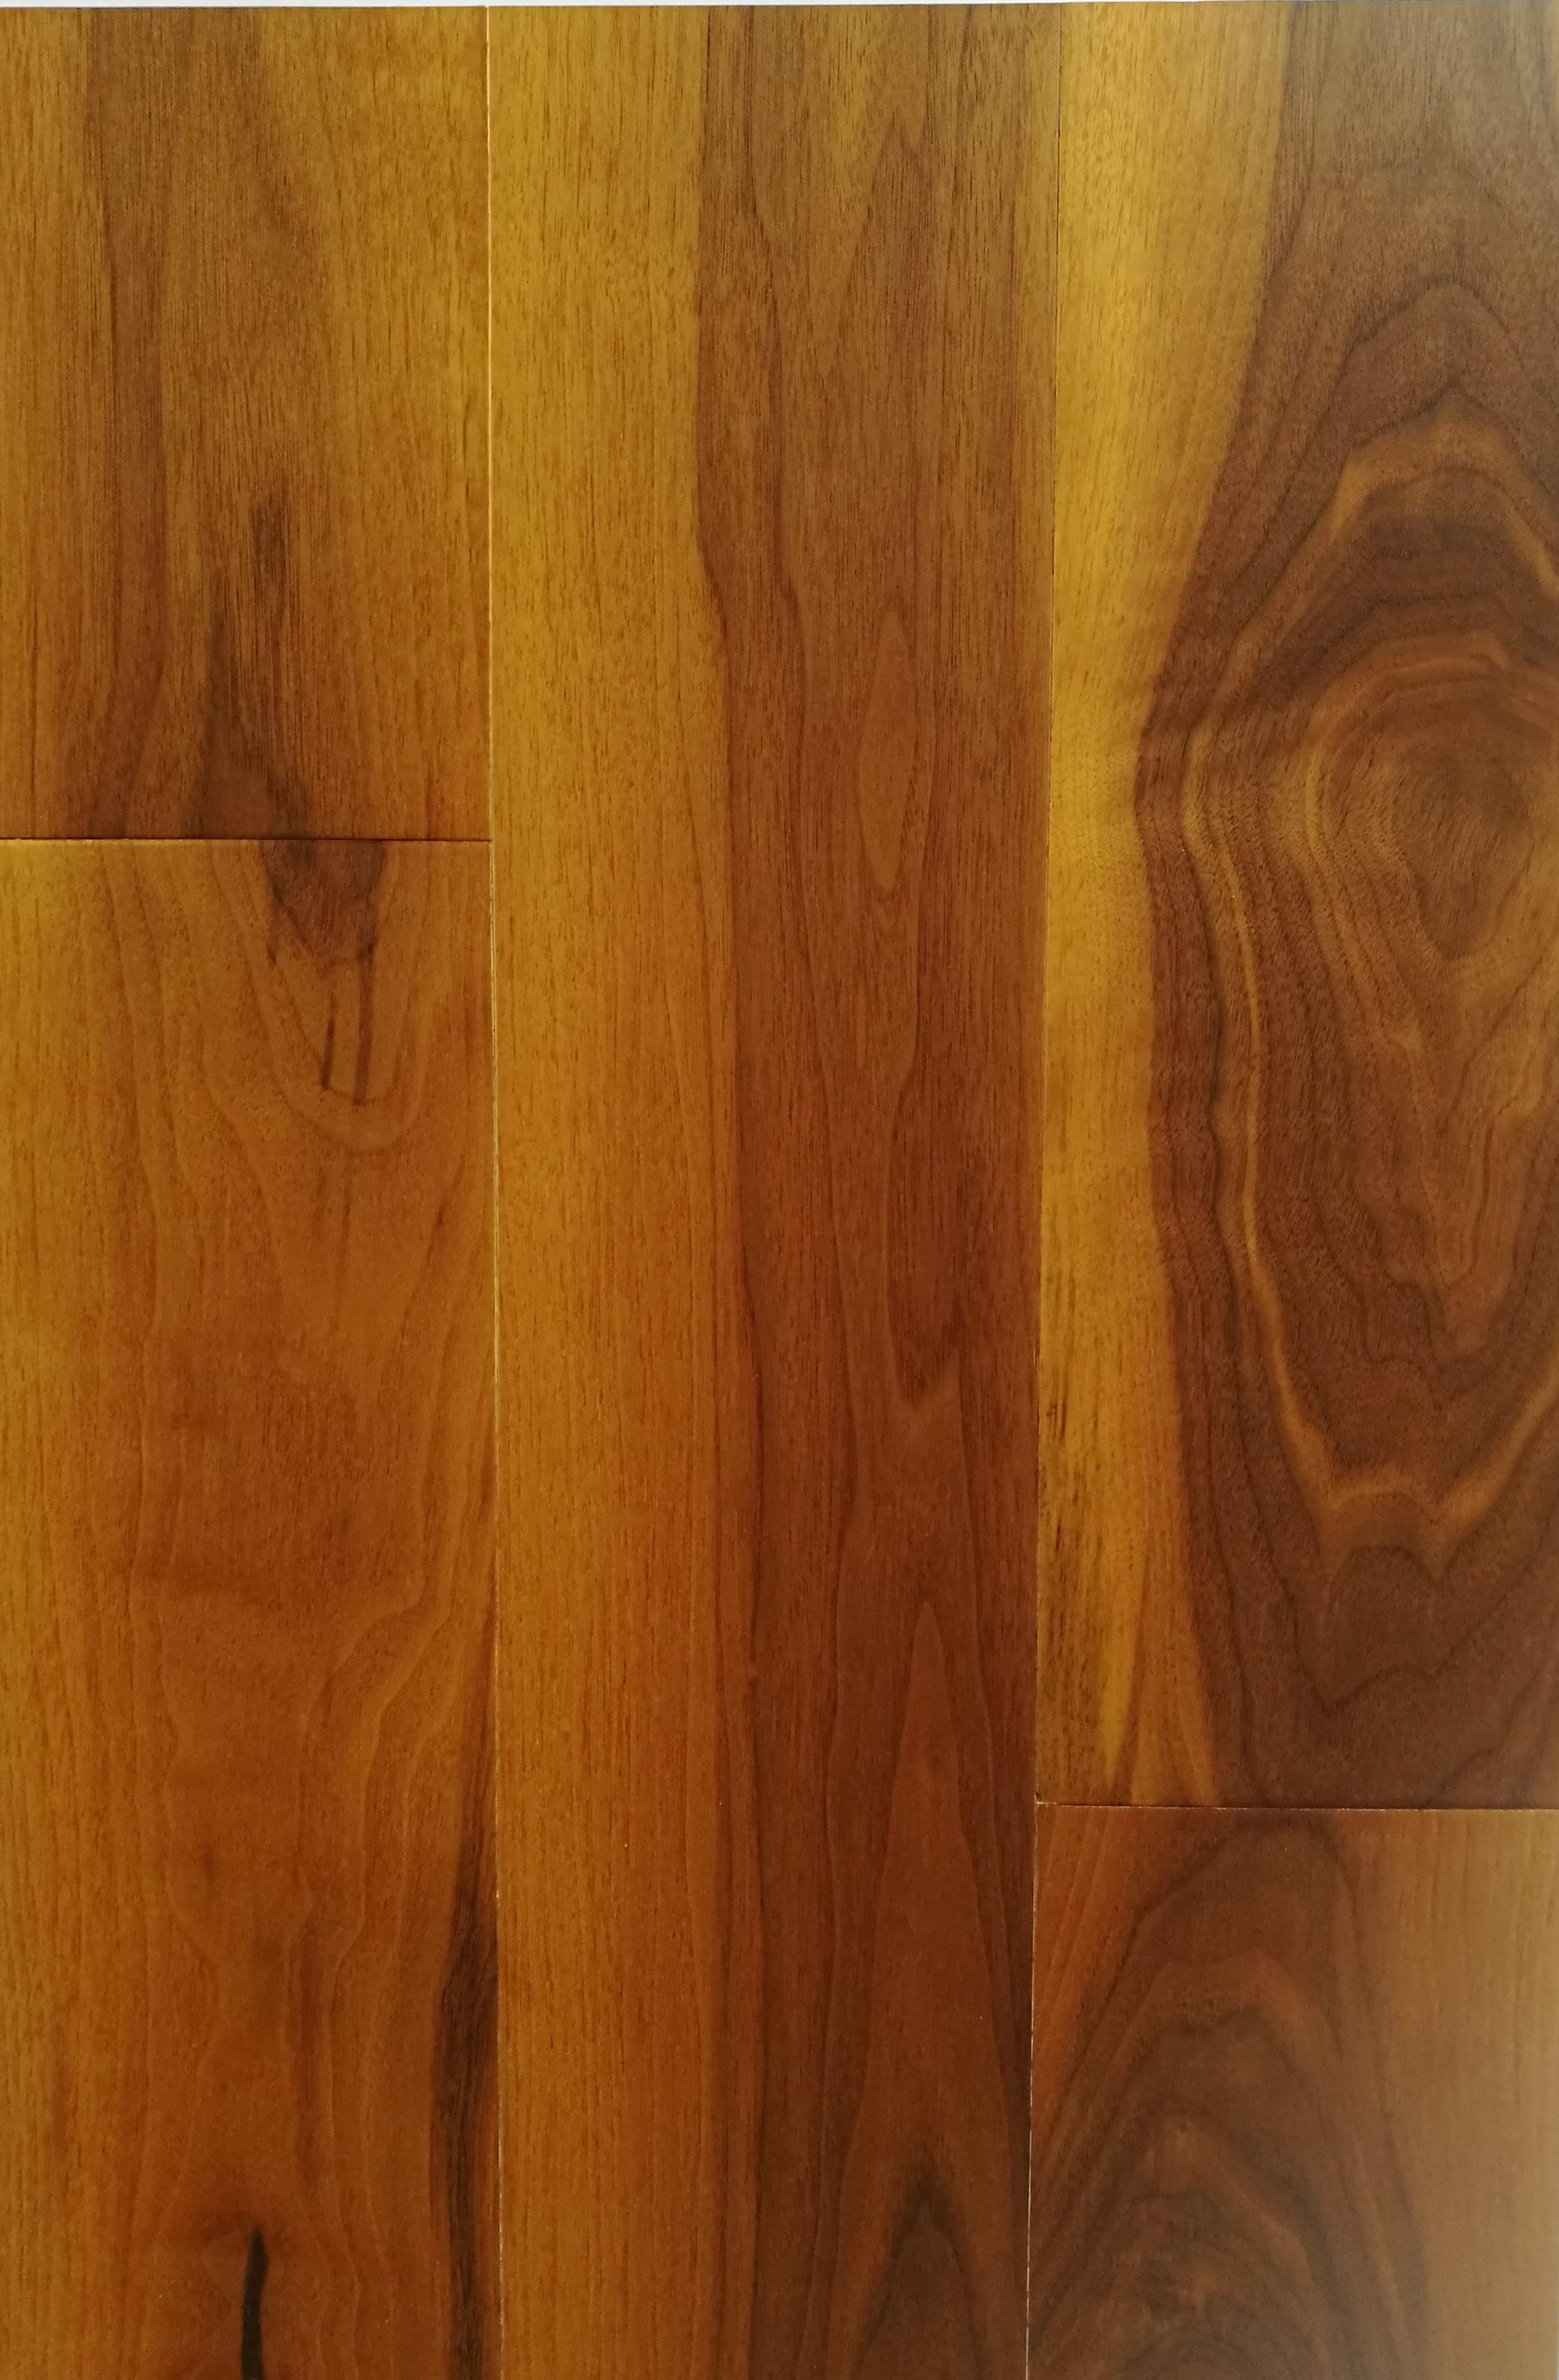 - Quiet Click Wood